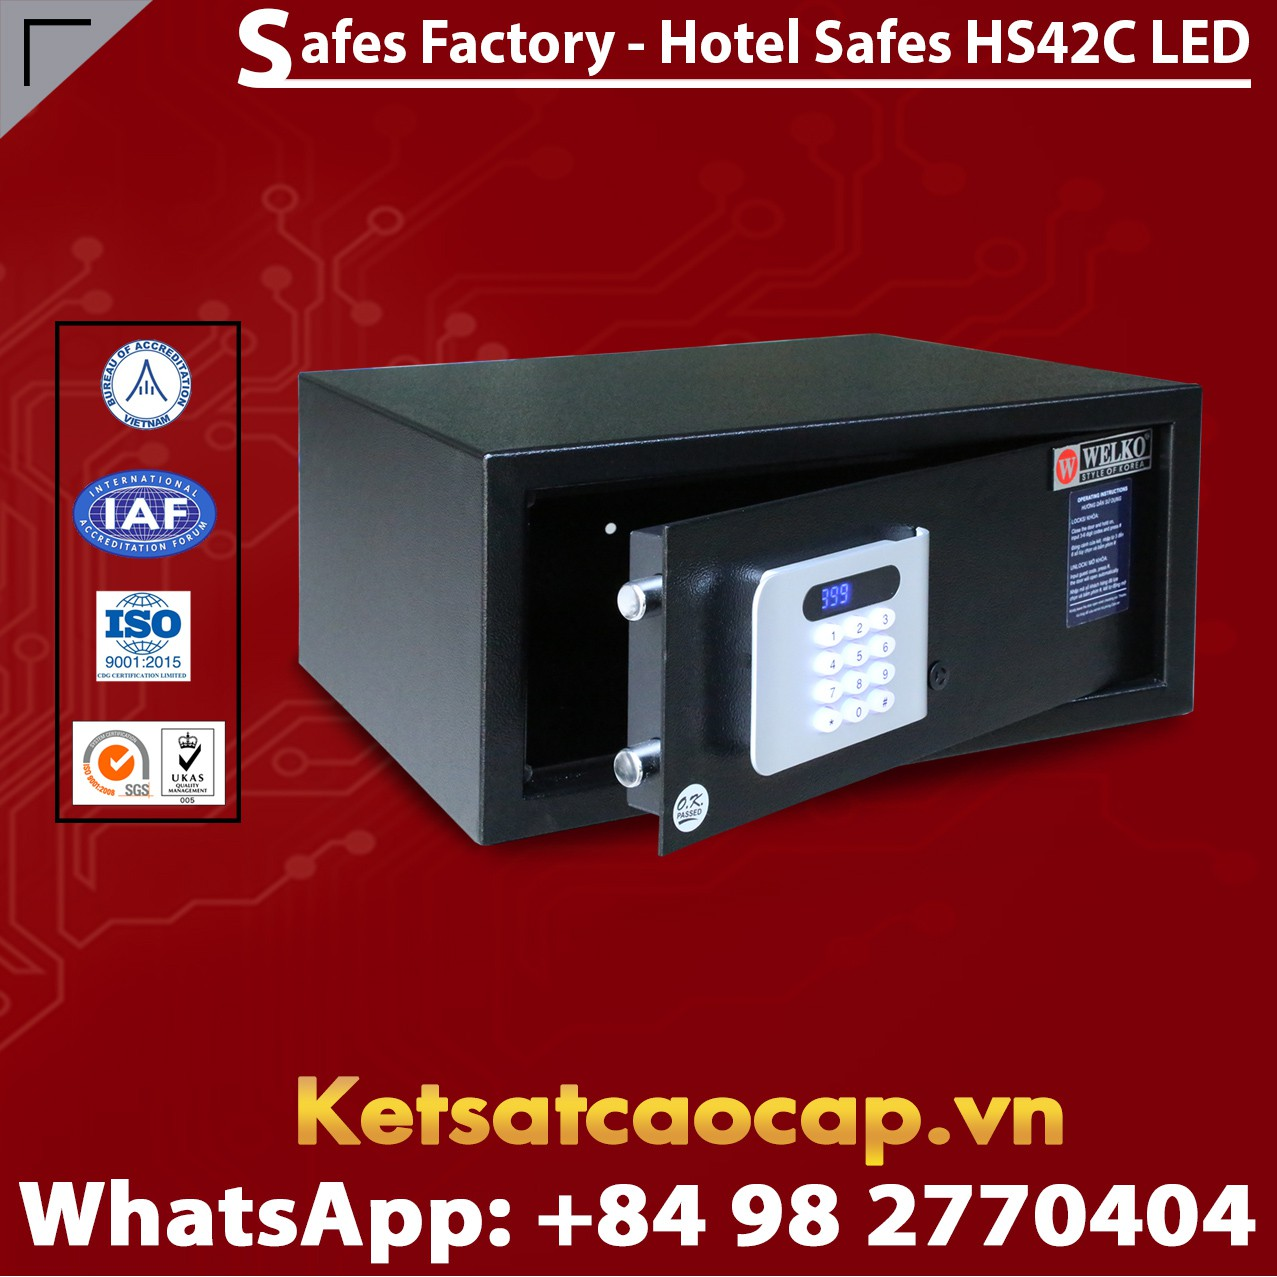 Hotel Safes WELKO HS42 C LED